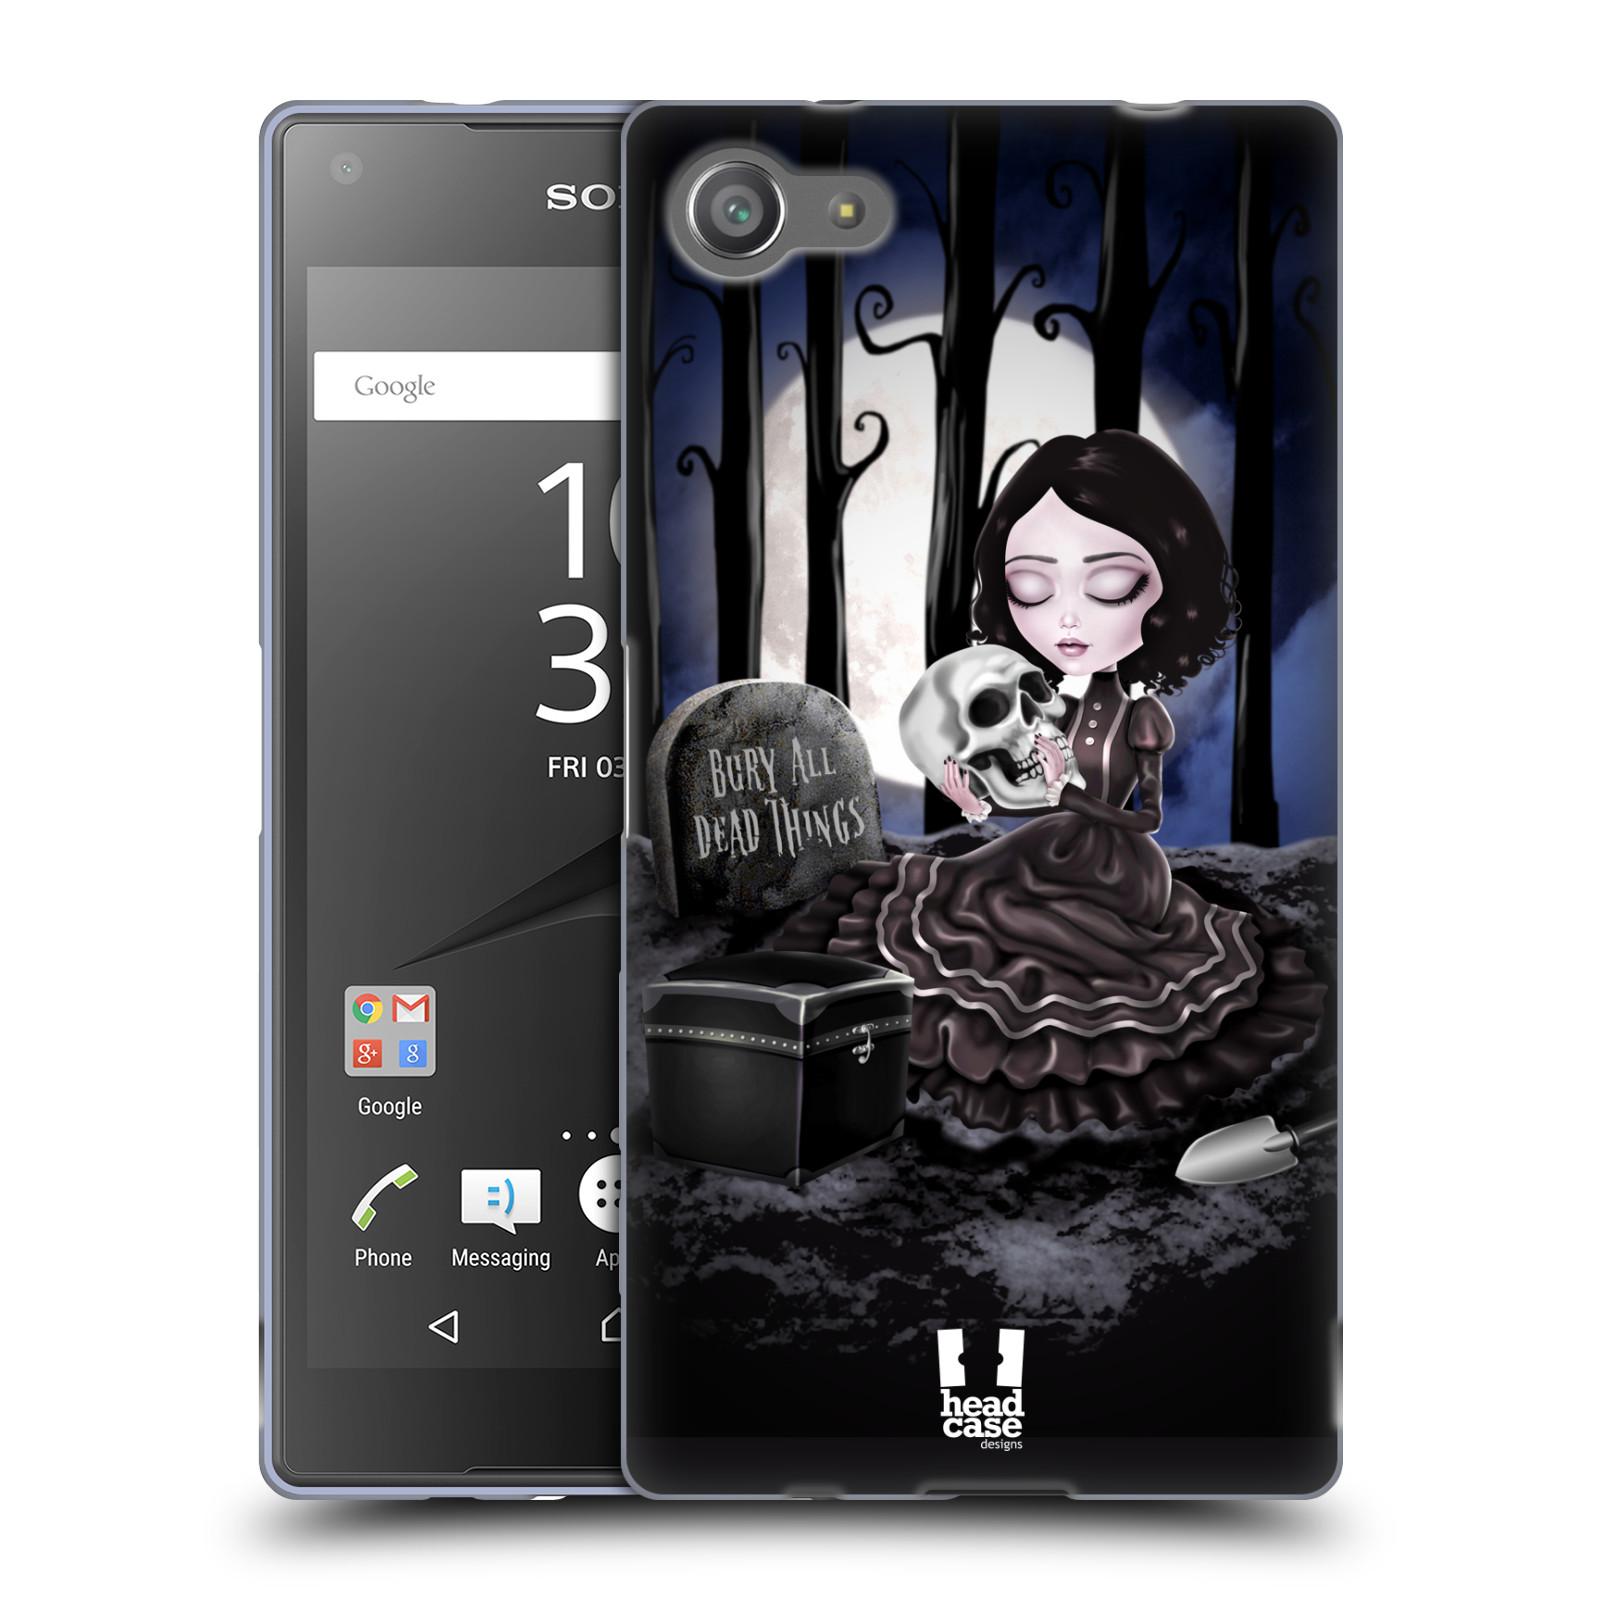 Silikonové pouzdro na mobil Sony Xperia Z5 Compact HEAD CASE MACABRE HŘBITOV